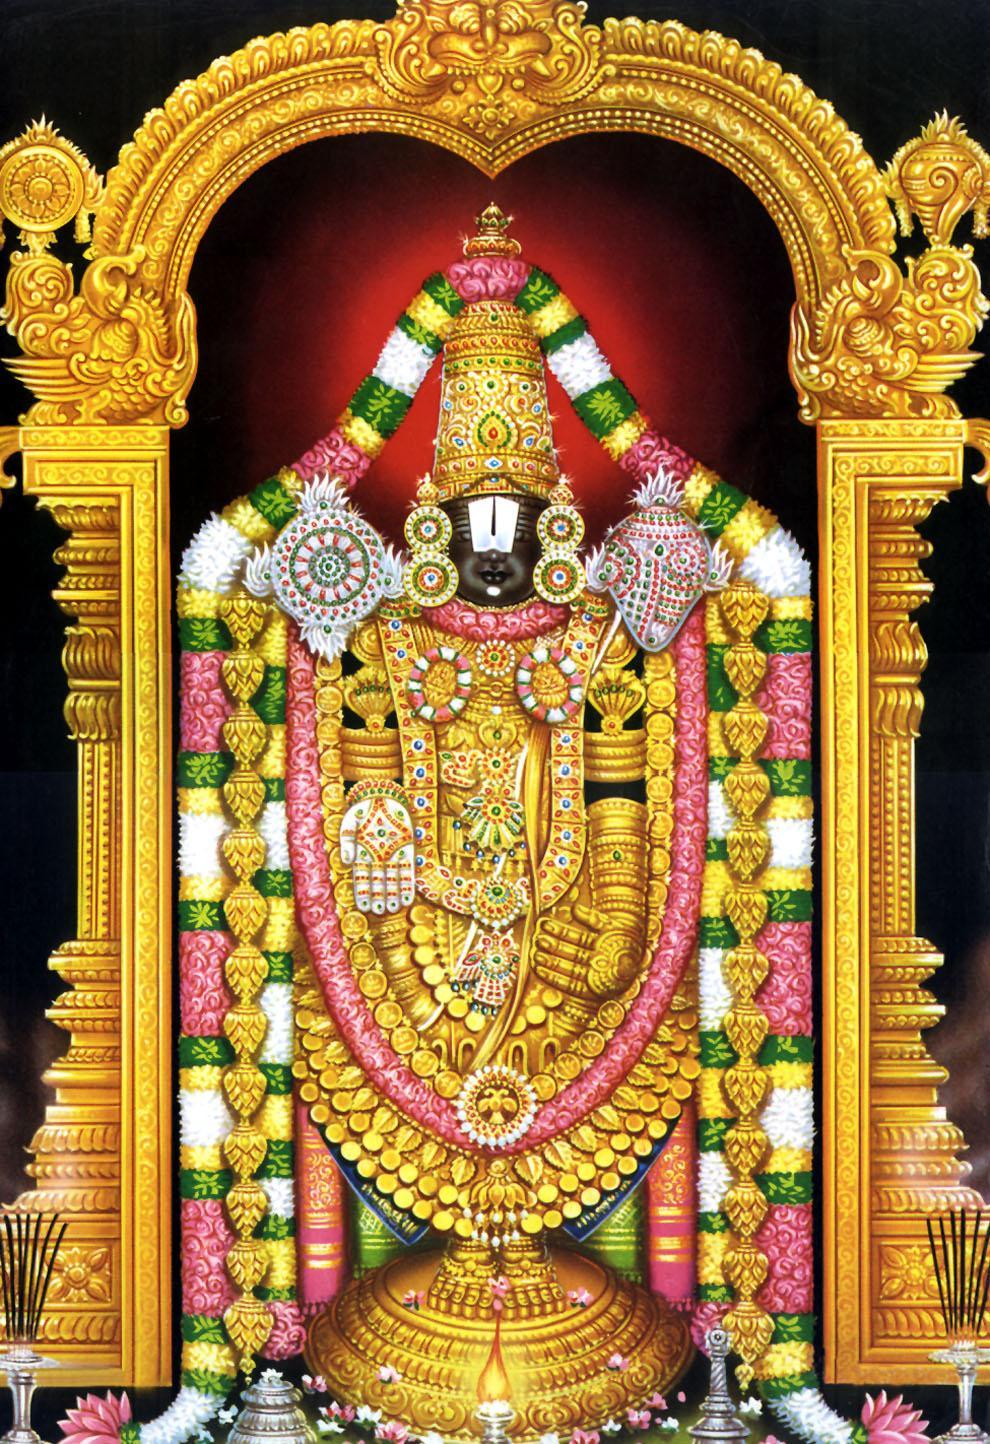 Tirupati Balaji Mobile Full Hd Wallpapers Wallpaper Cave